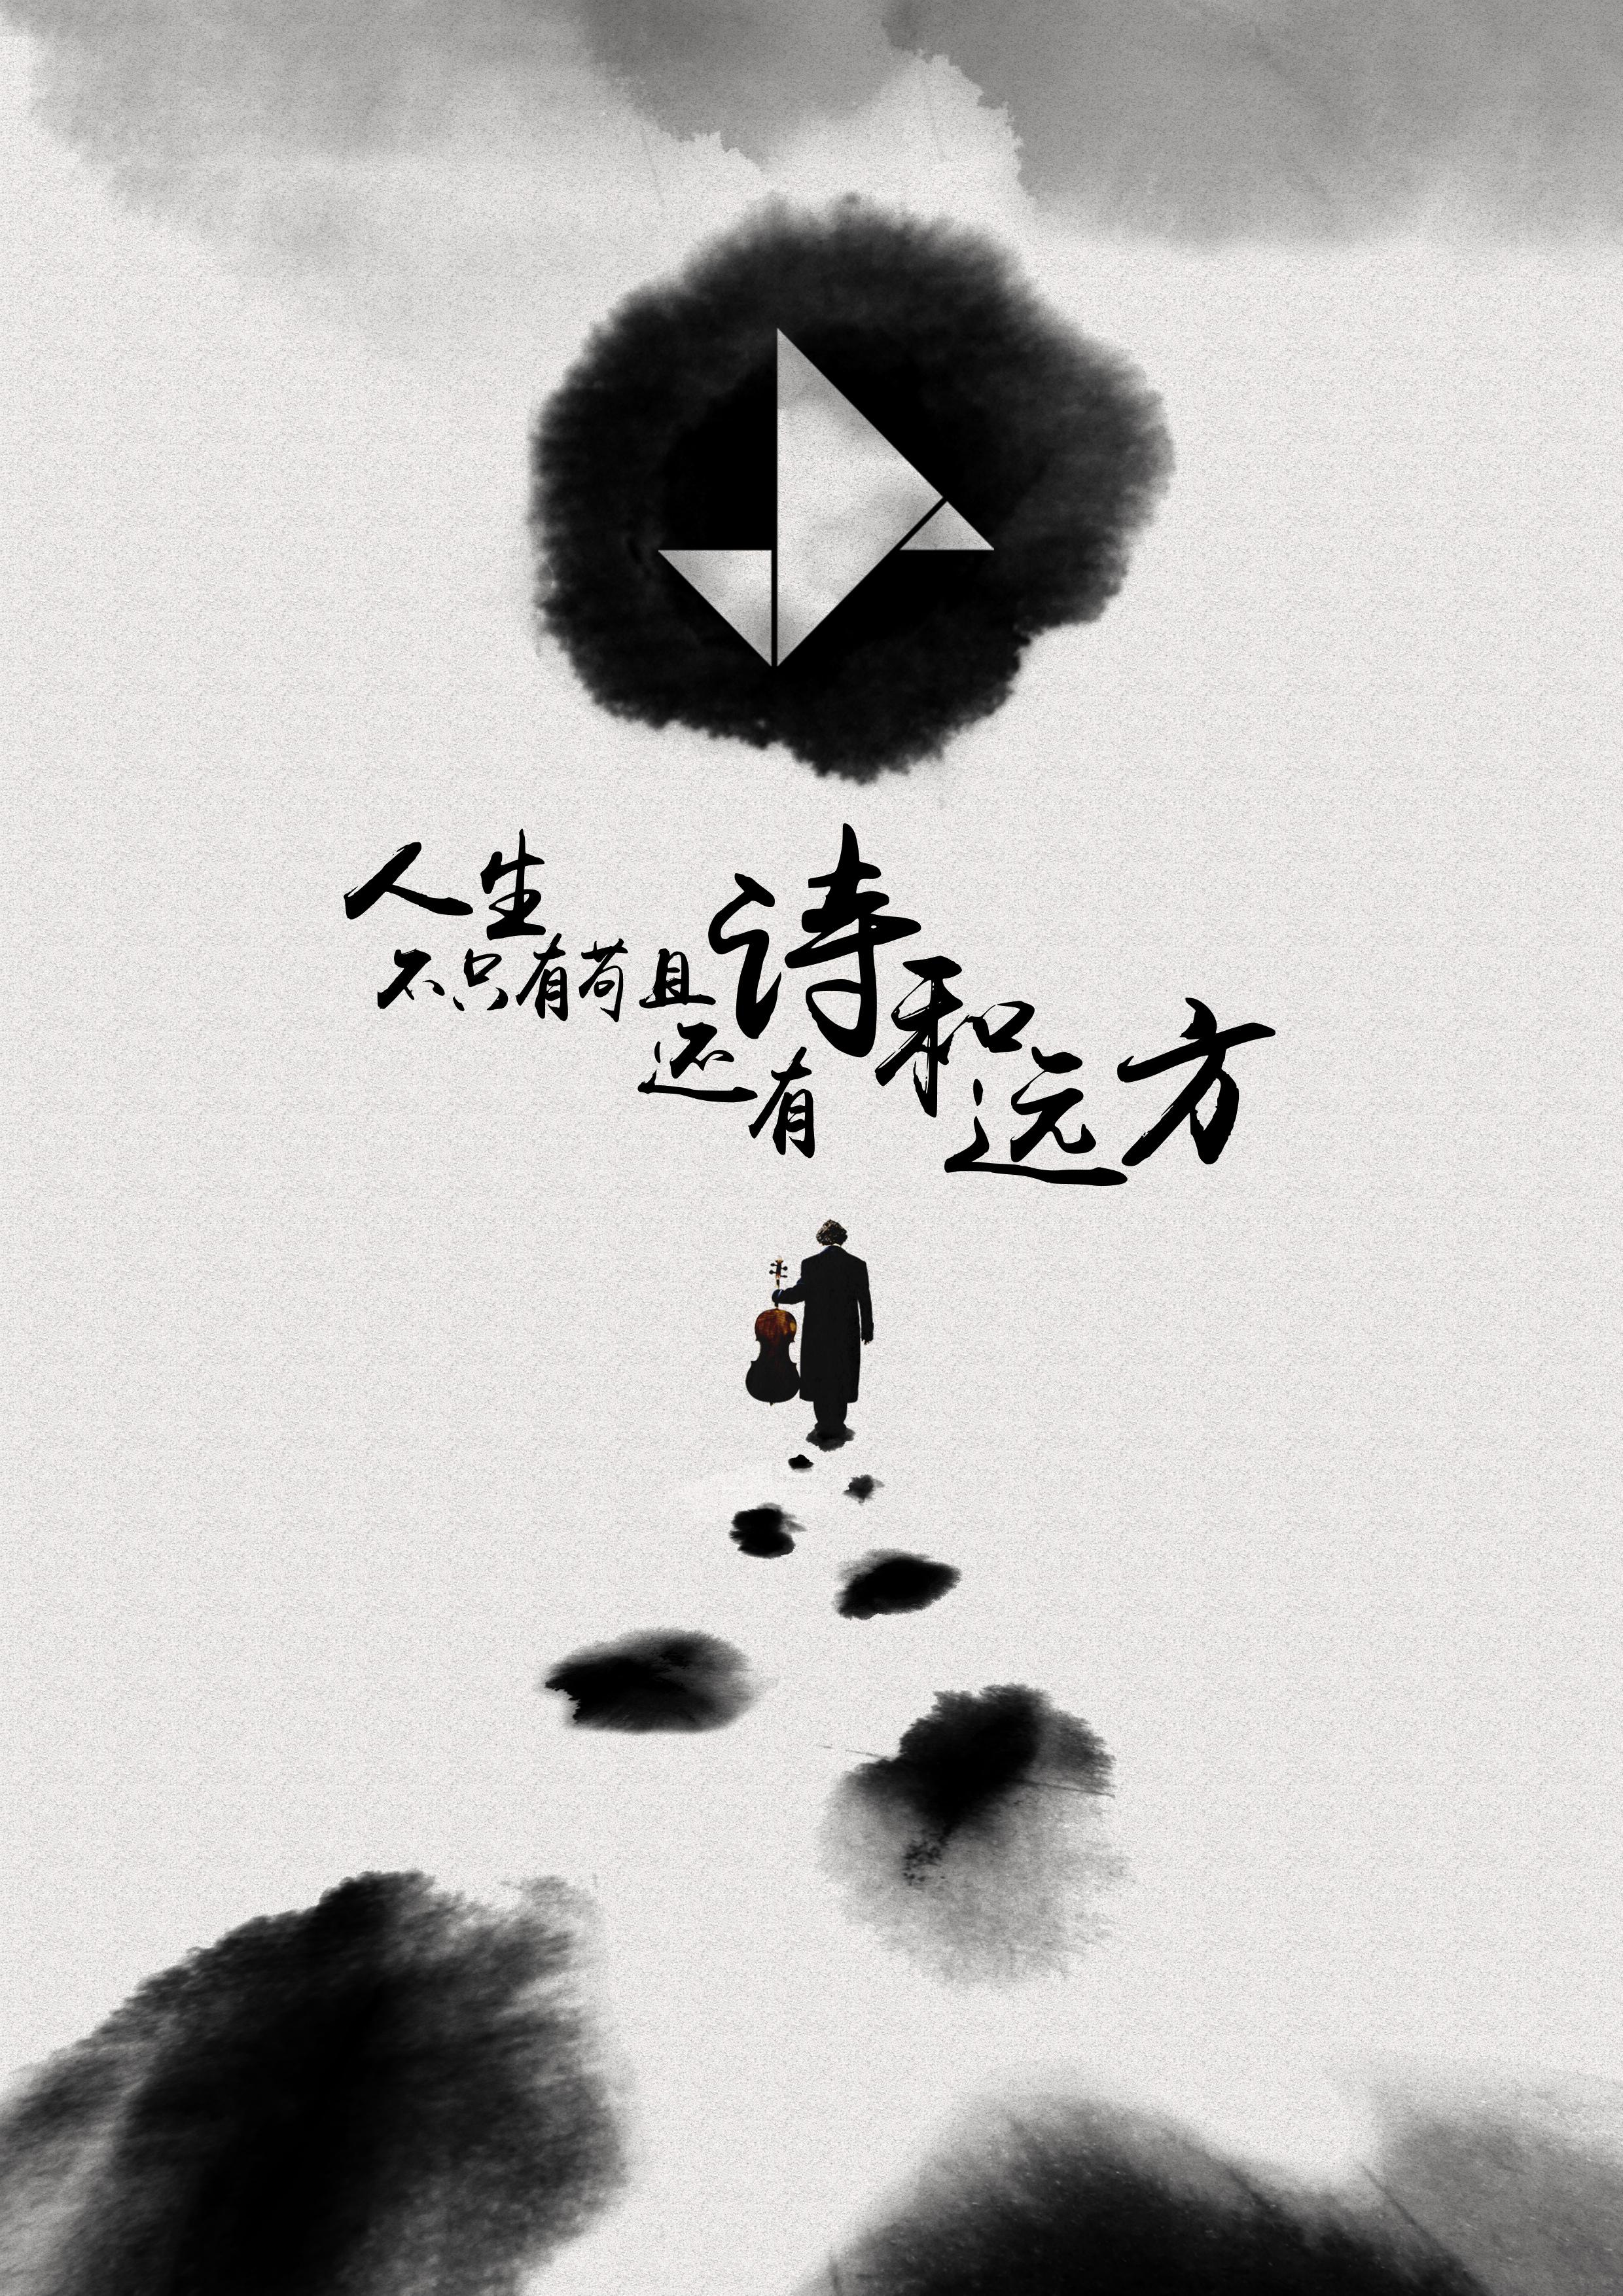 创行招新海报